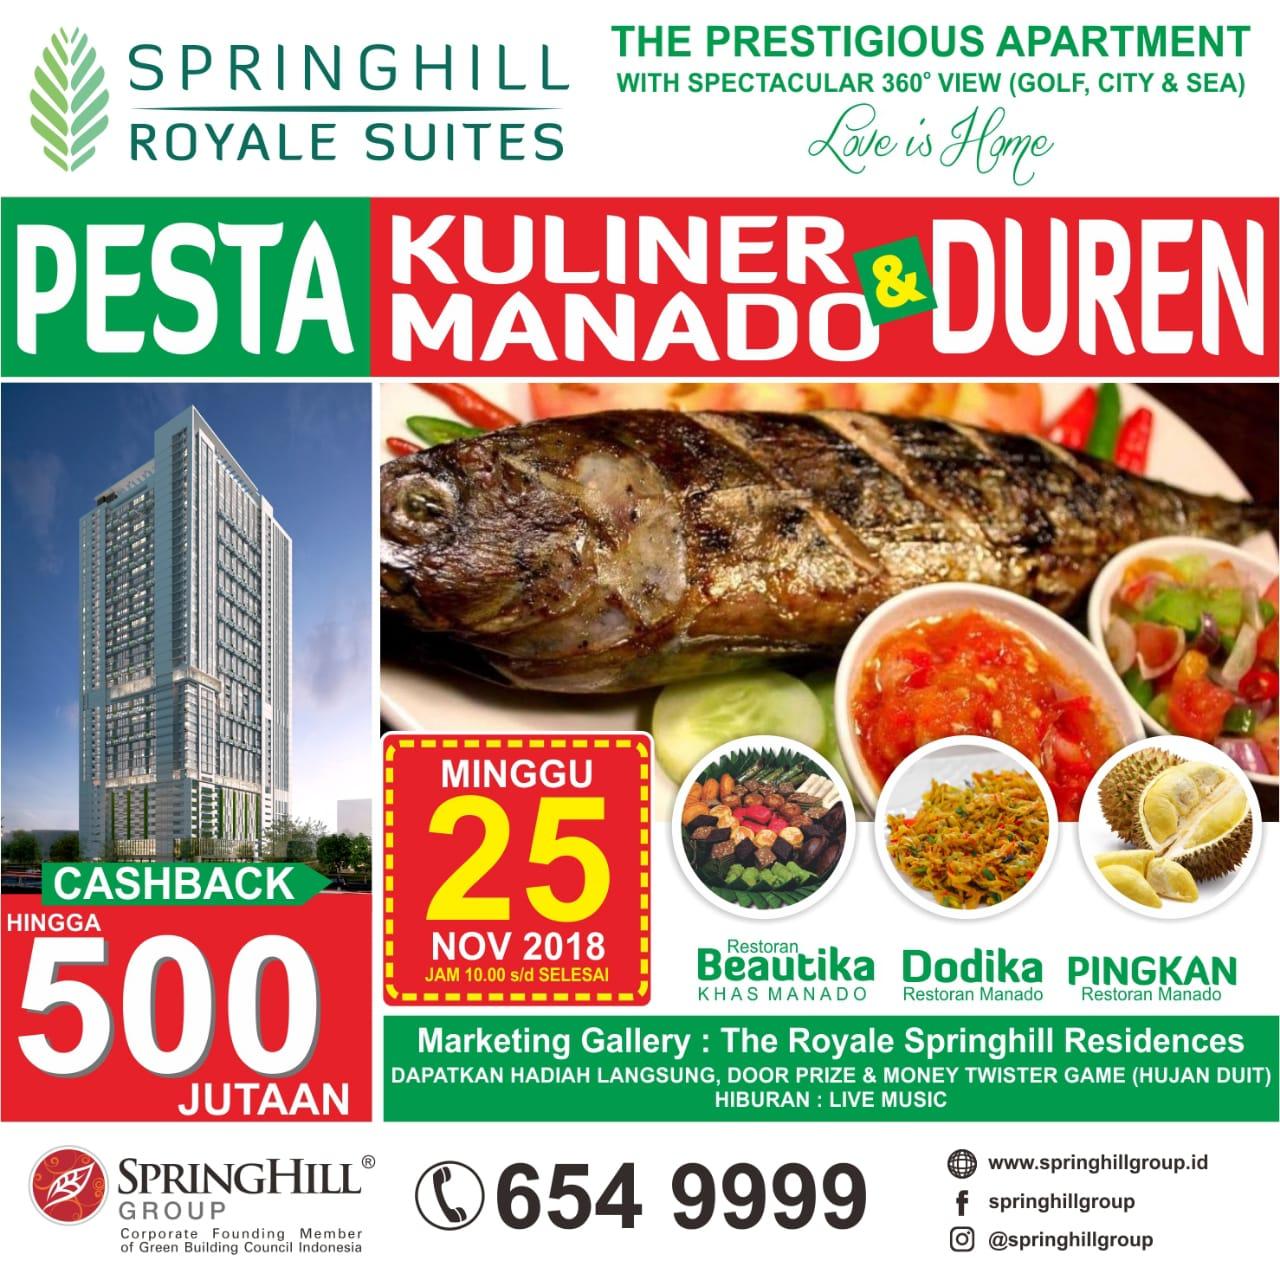 Pesta Kuliner Manado & Duren